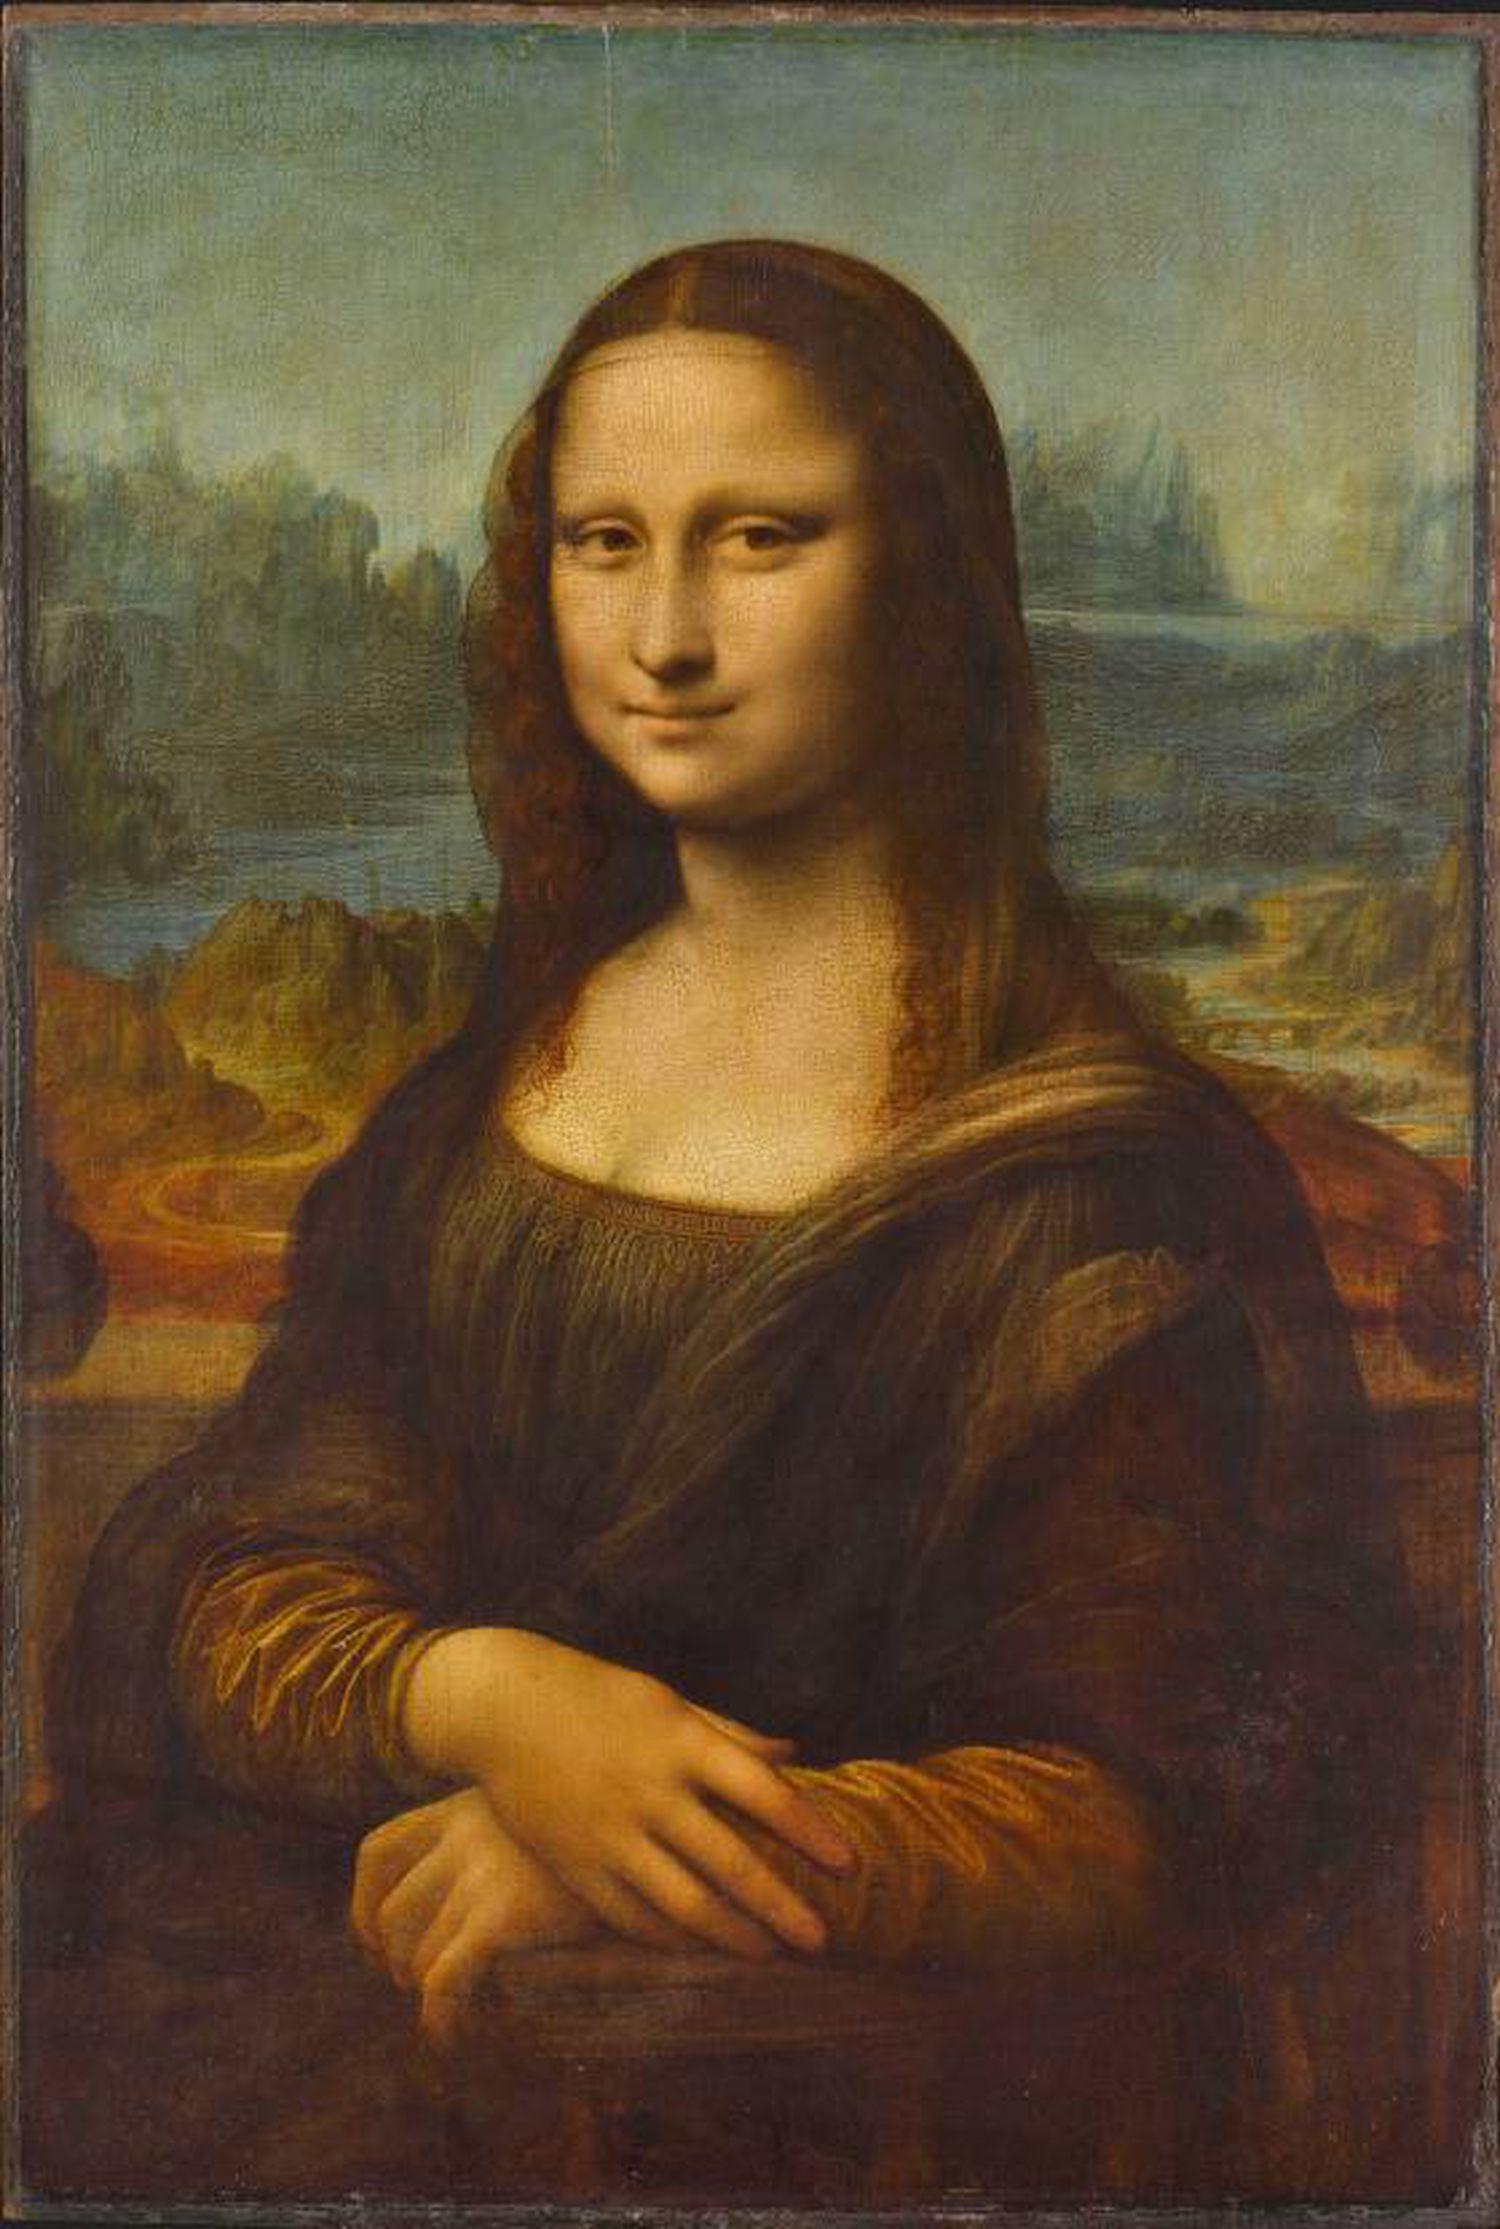 'Mona Lisa', de Leonardo da Vinci, 1503-1516, no Museu do Louvre